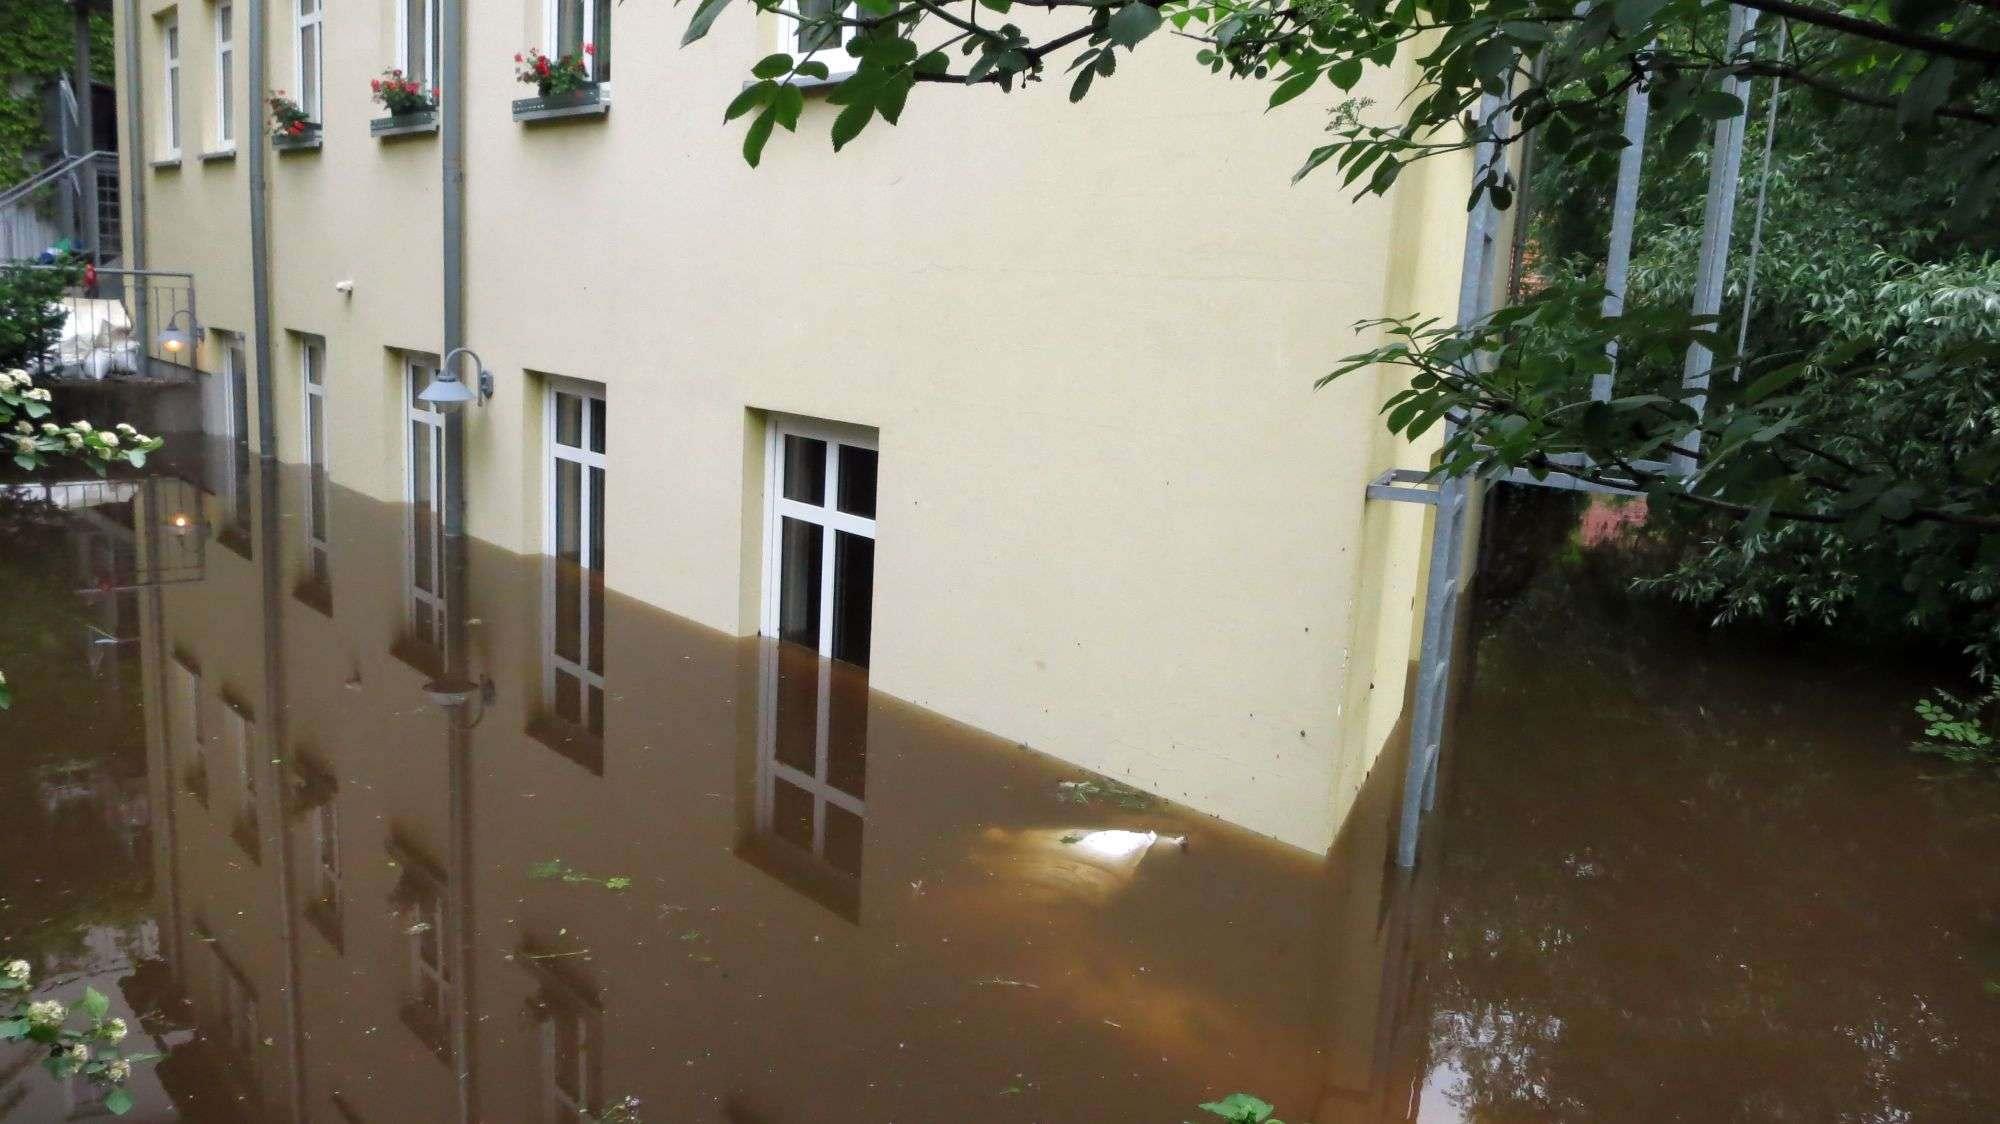 Hinterhaus an der Prießnitzstraße - Foto: Archiv Anton Launer 2013